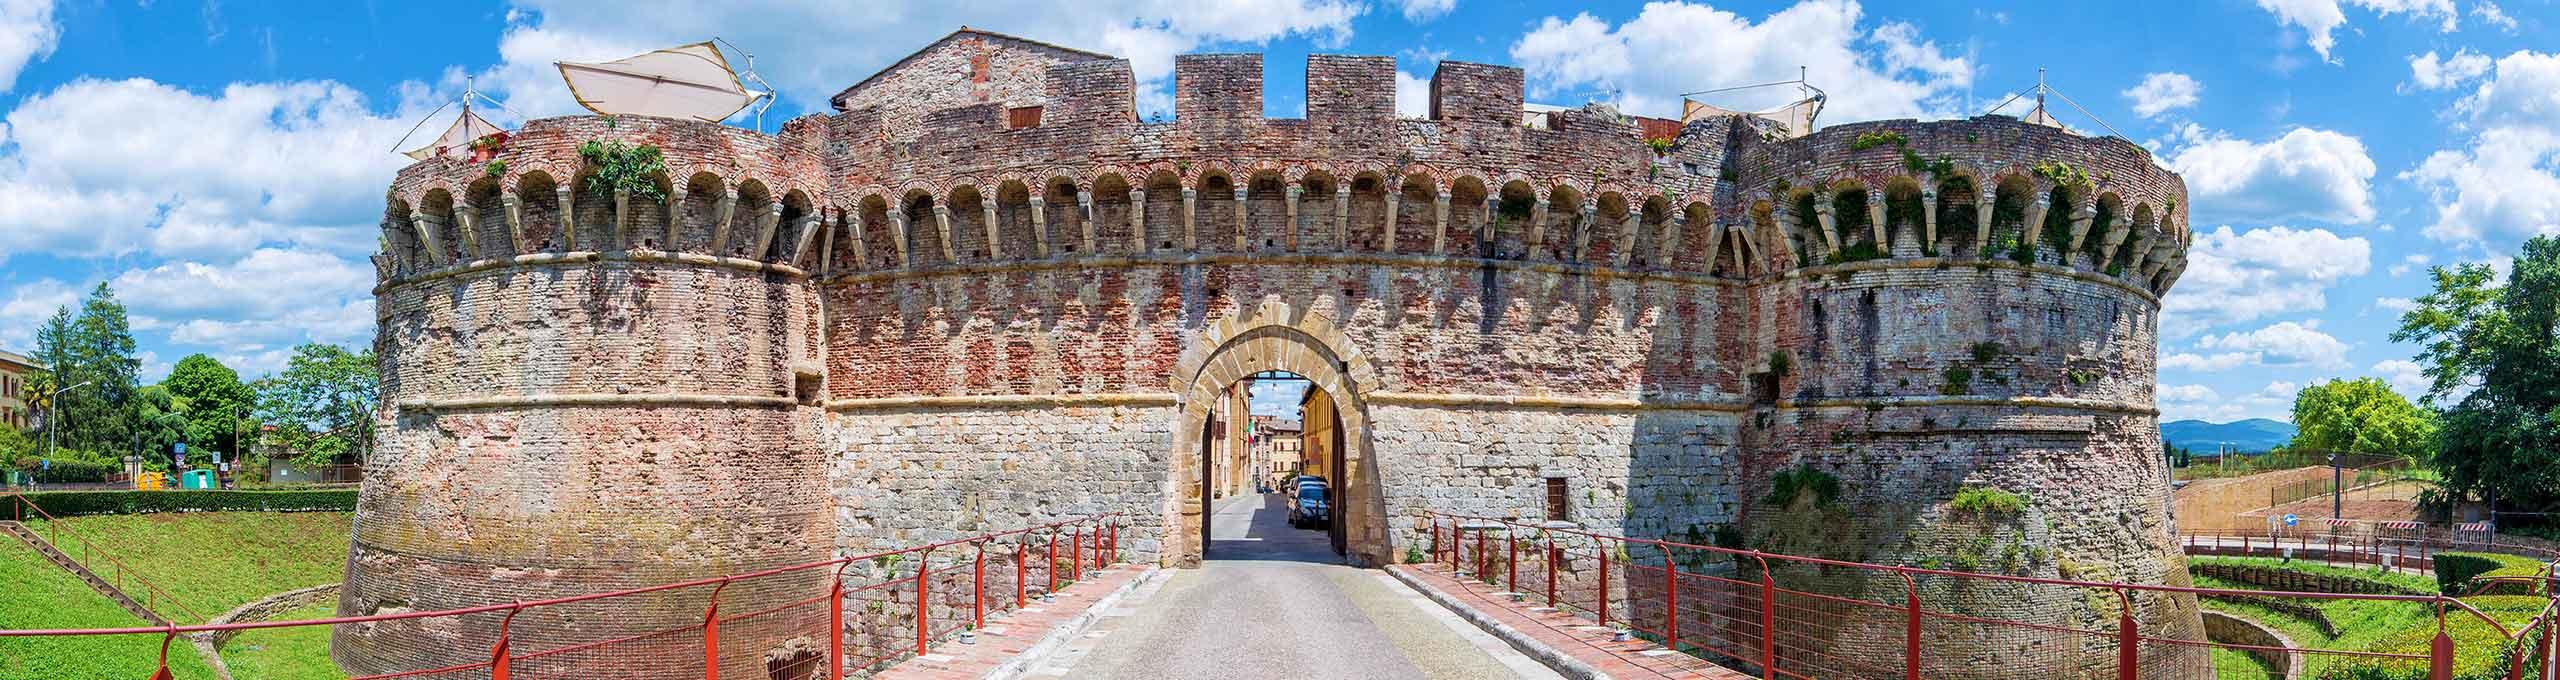 Porta d'accesso alla città nedievale